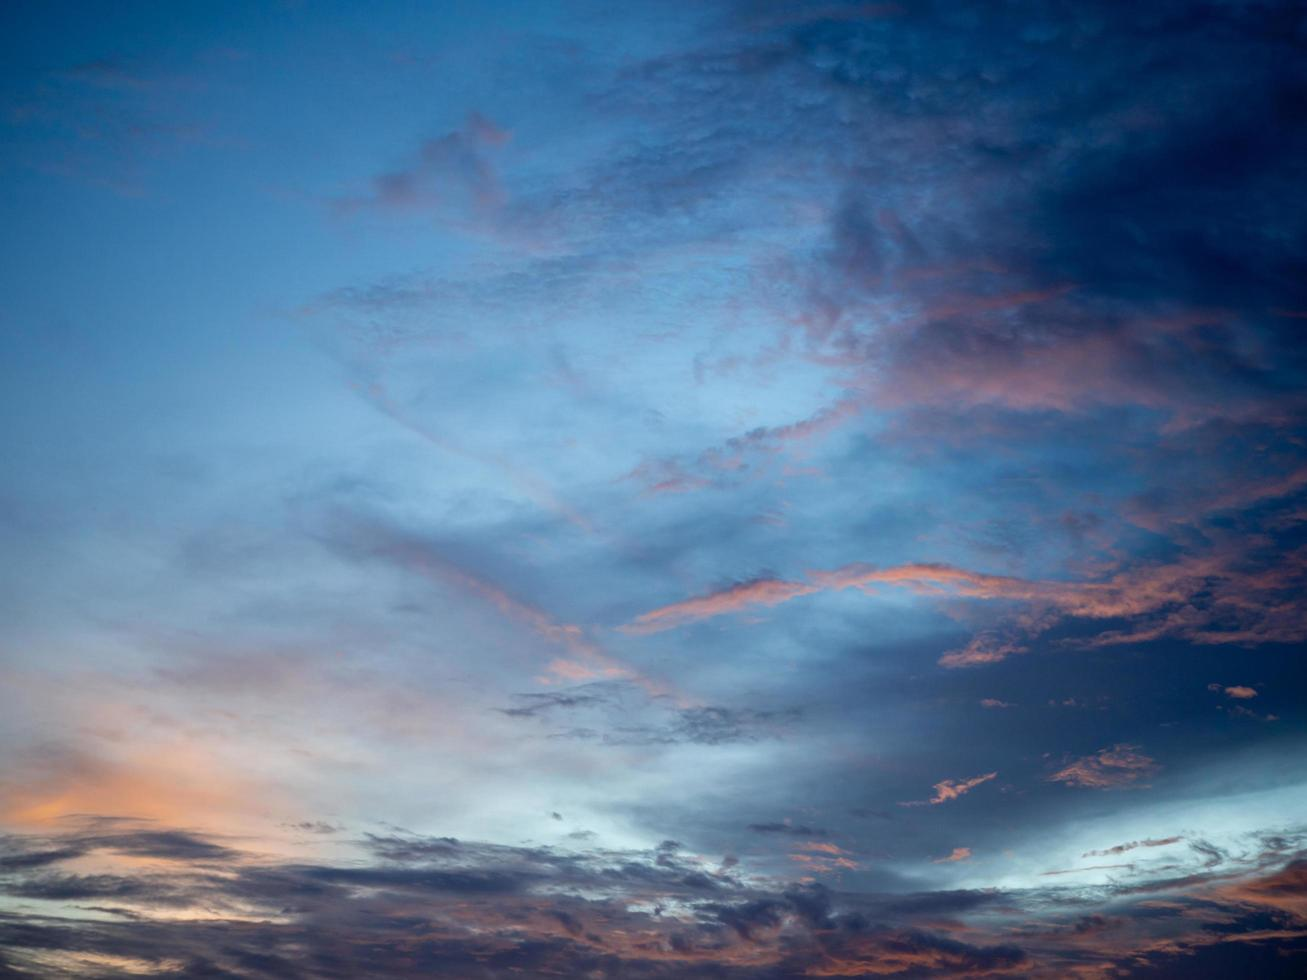 cielo e nuvole al tramonto. foto